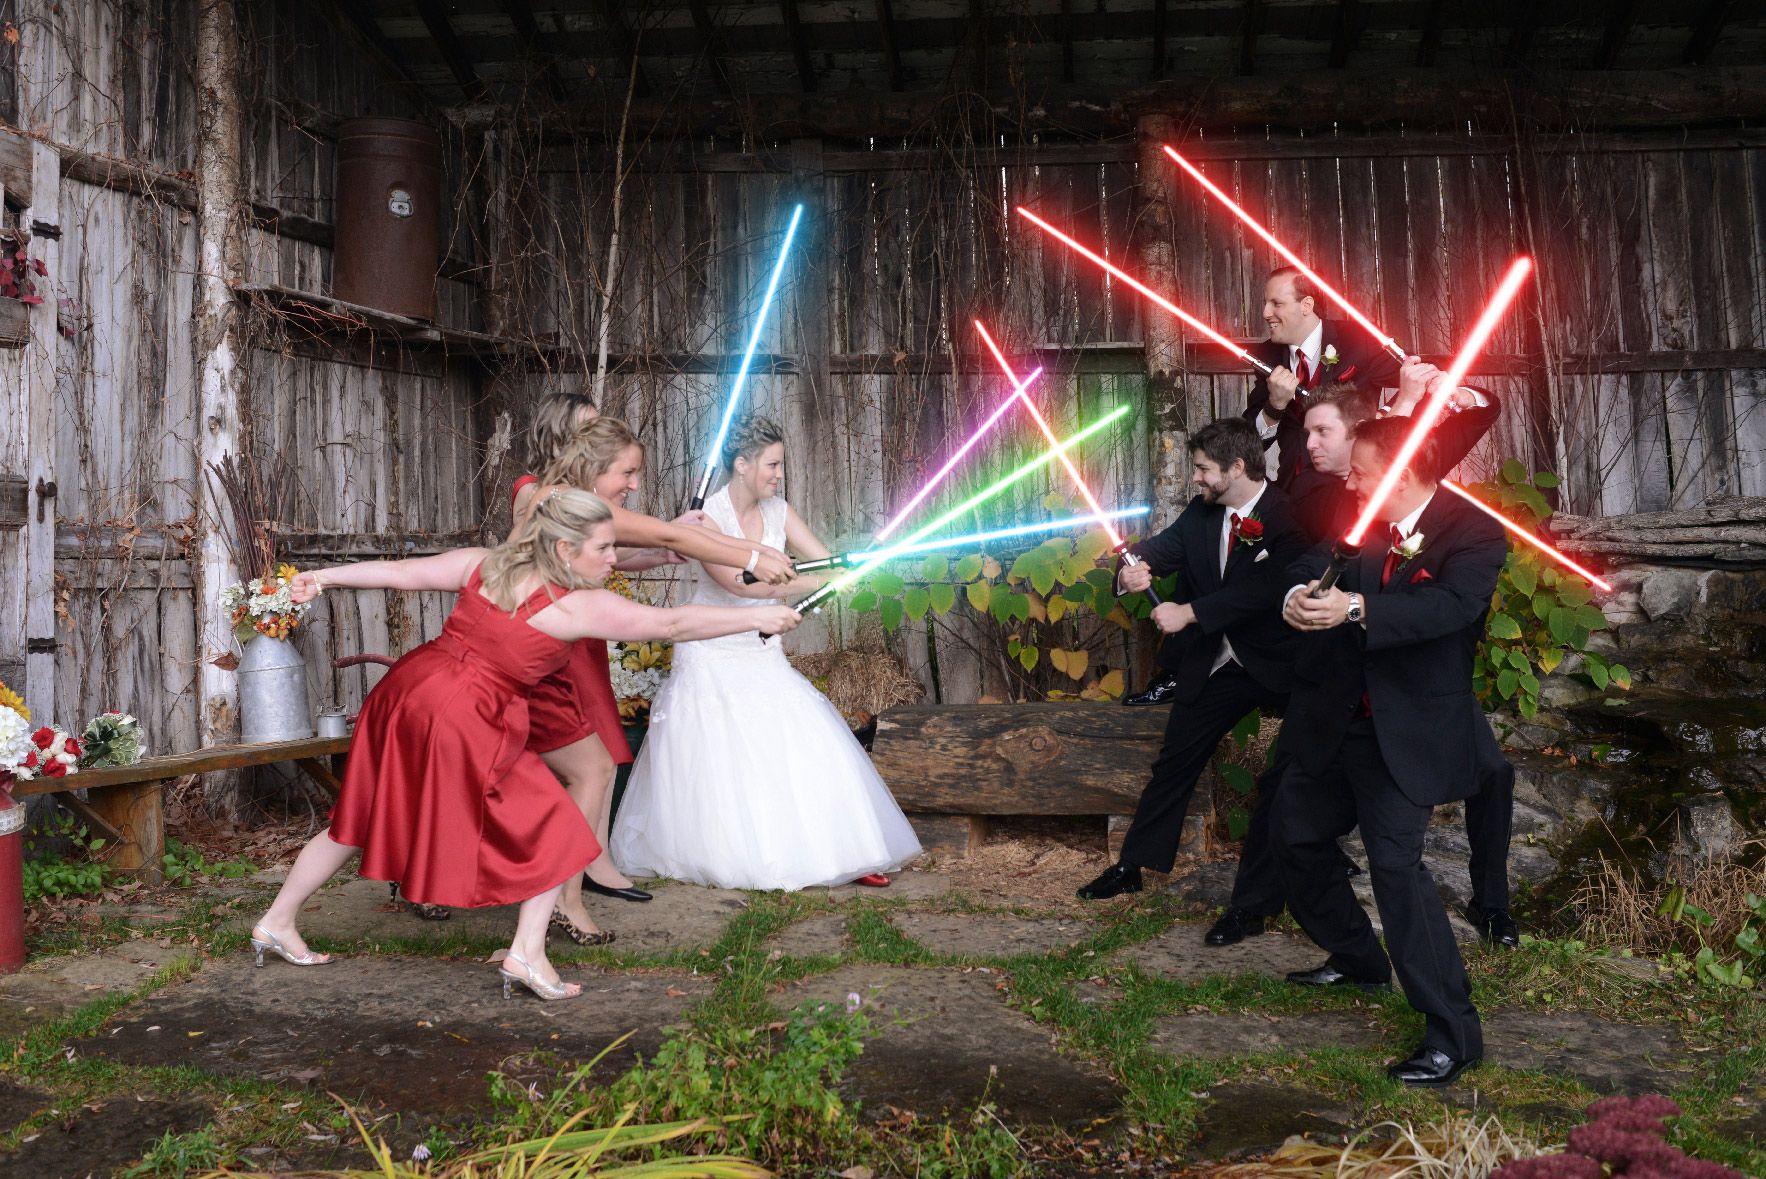 Wedding Lightsabers Starwars Wedding Lightsabers Starwars3 Wedding Lightsabers Starwars2 Star Wars Wedding Star Wars Wedding Theme Wedding Photos